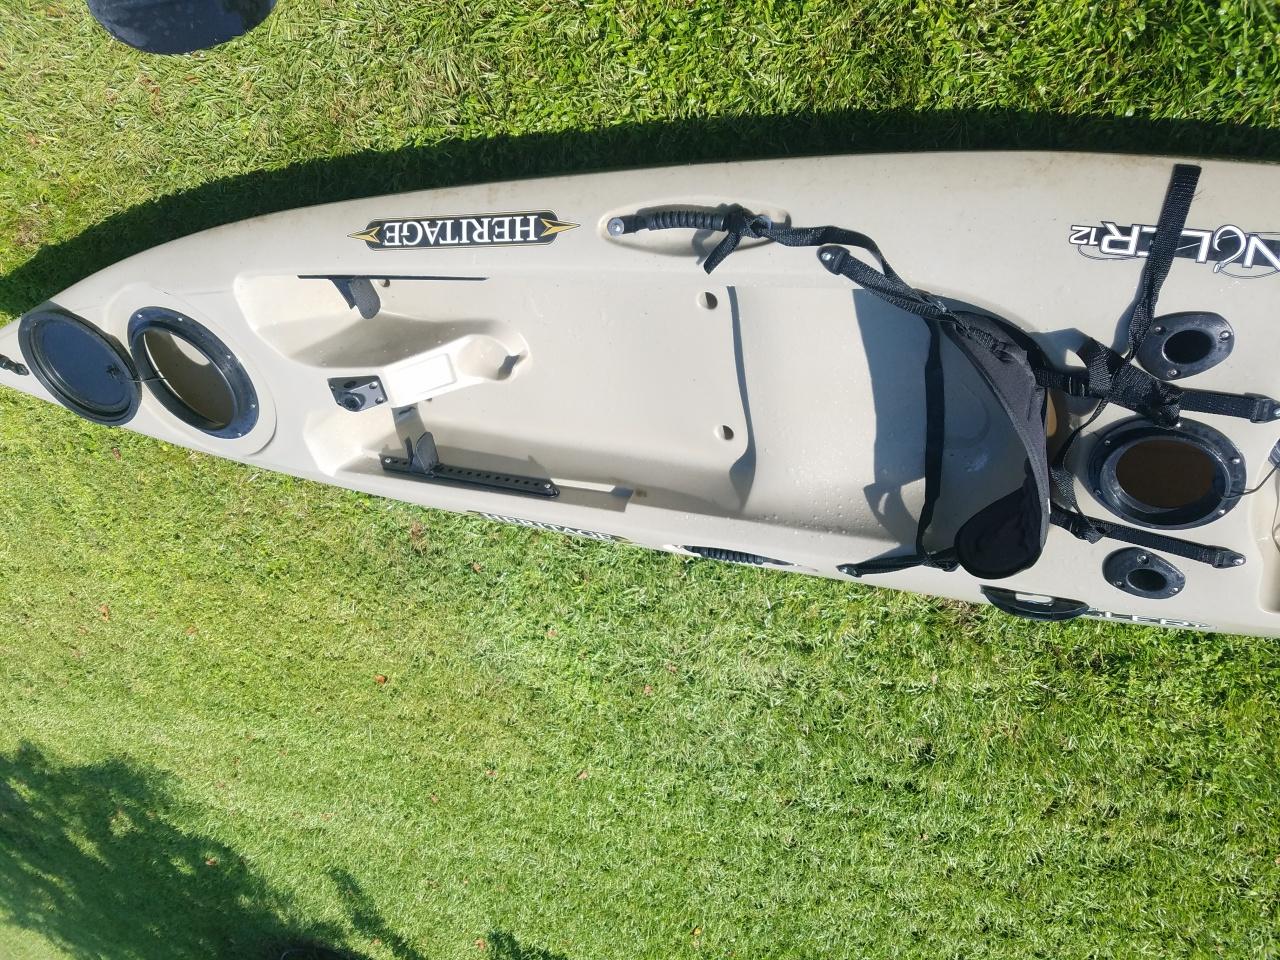 Heritage Angler 12 Kayak - 0-20180822_100032-jpg